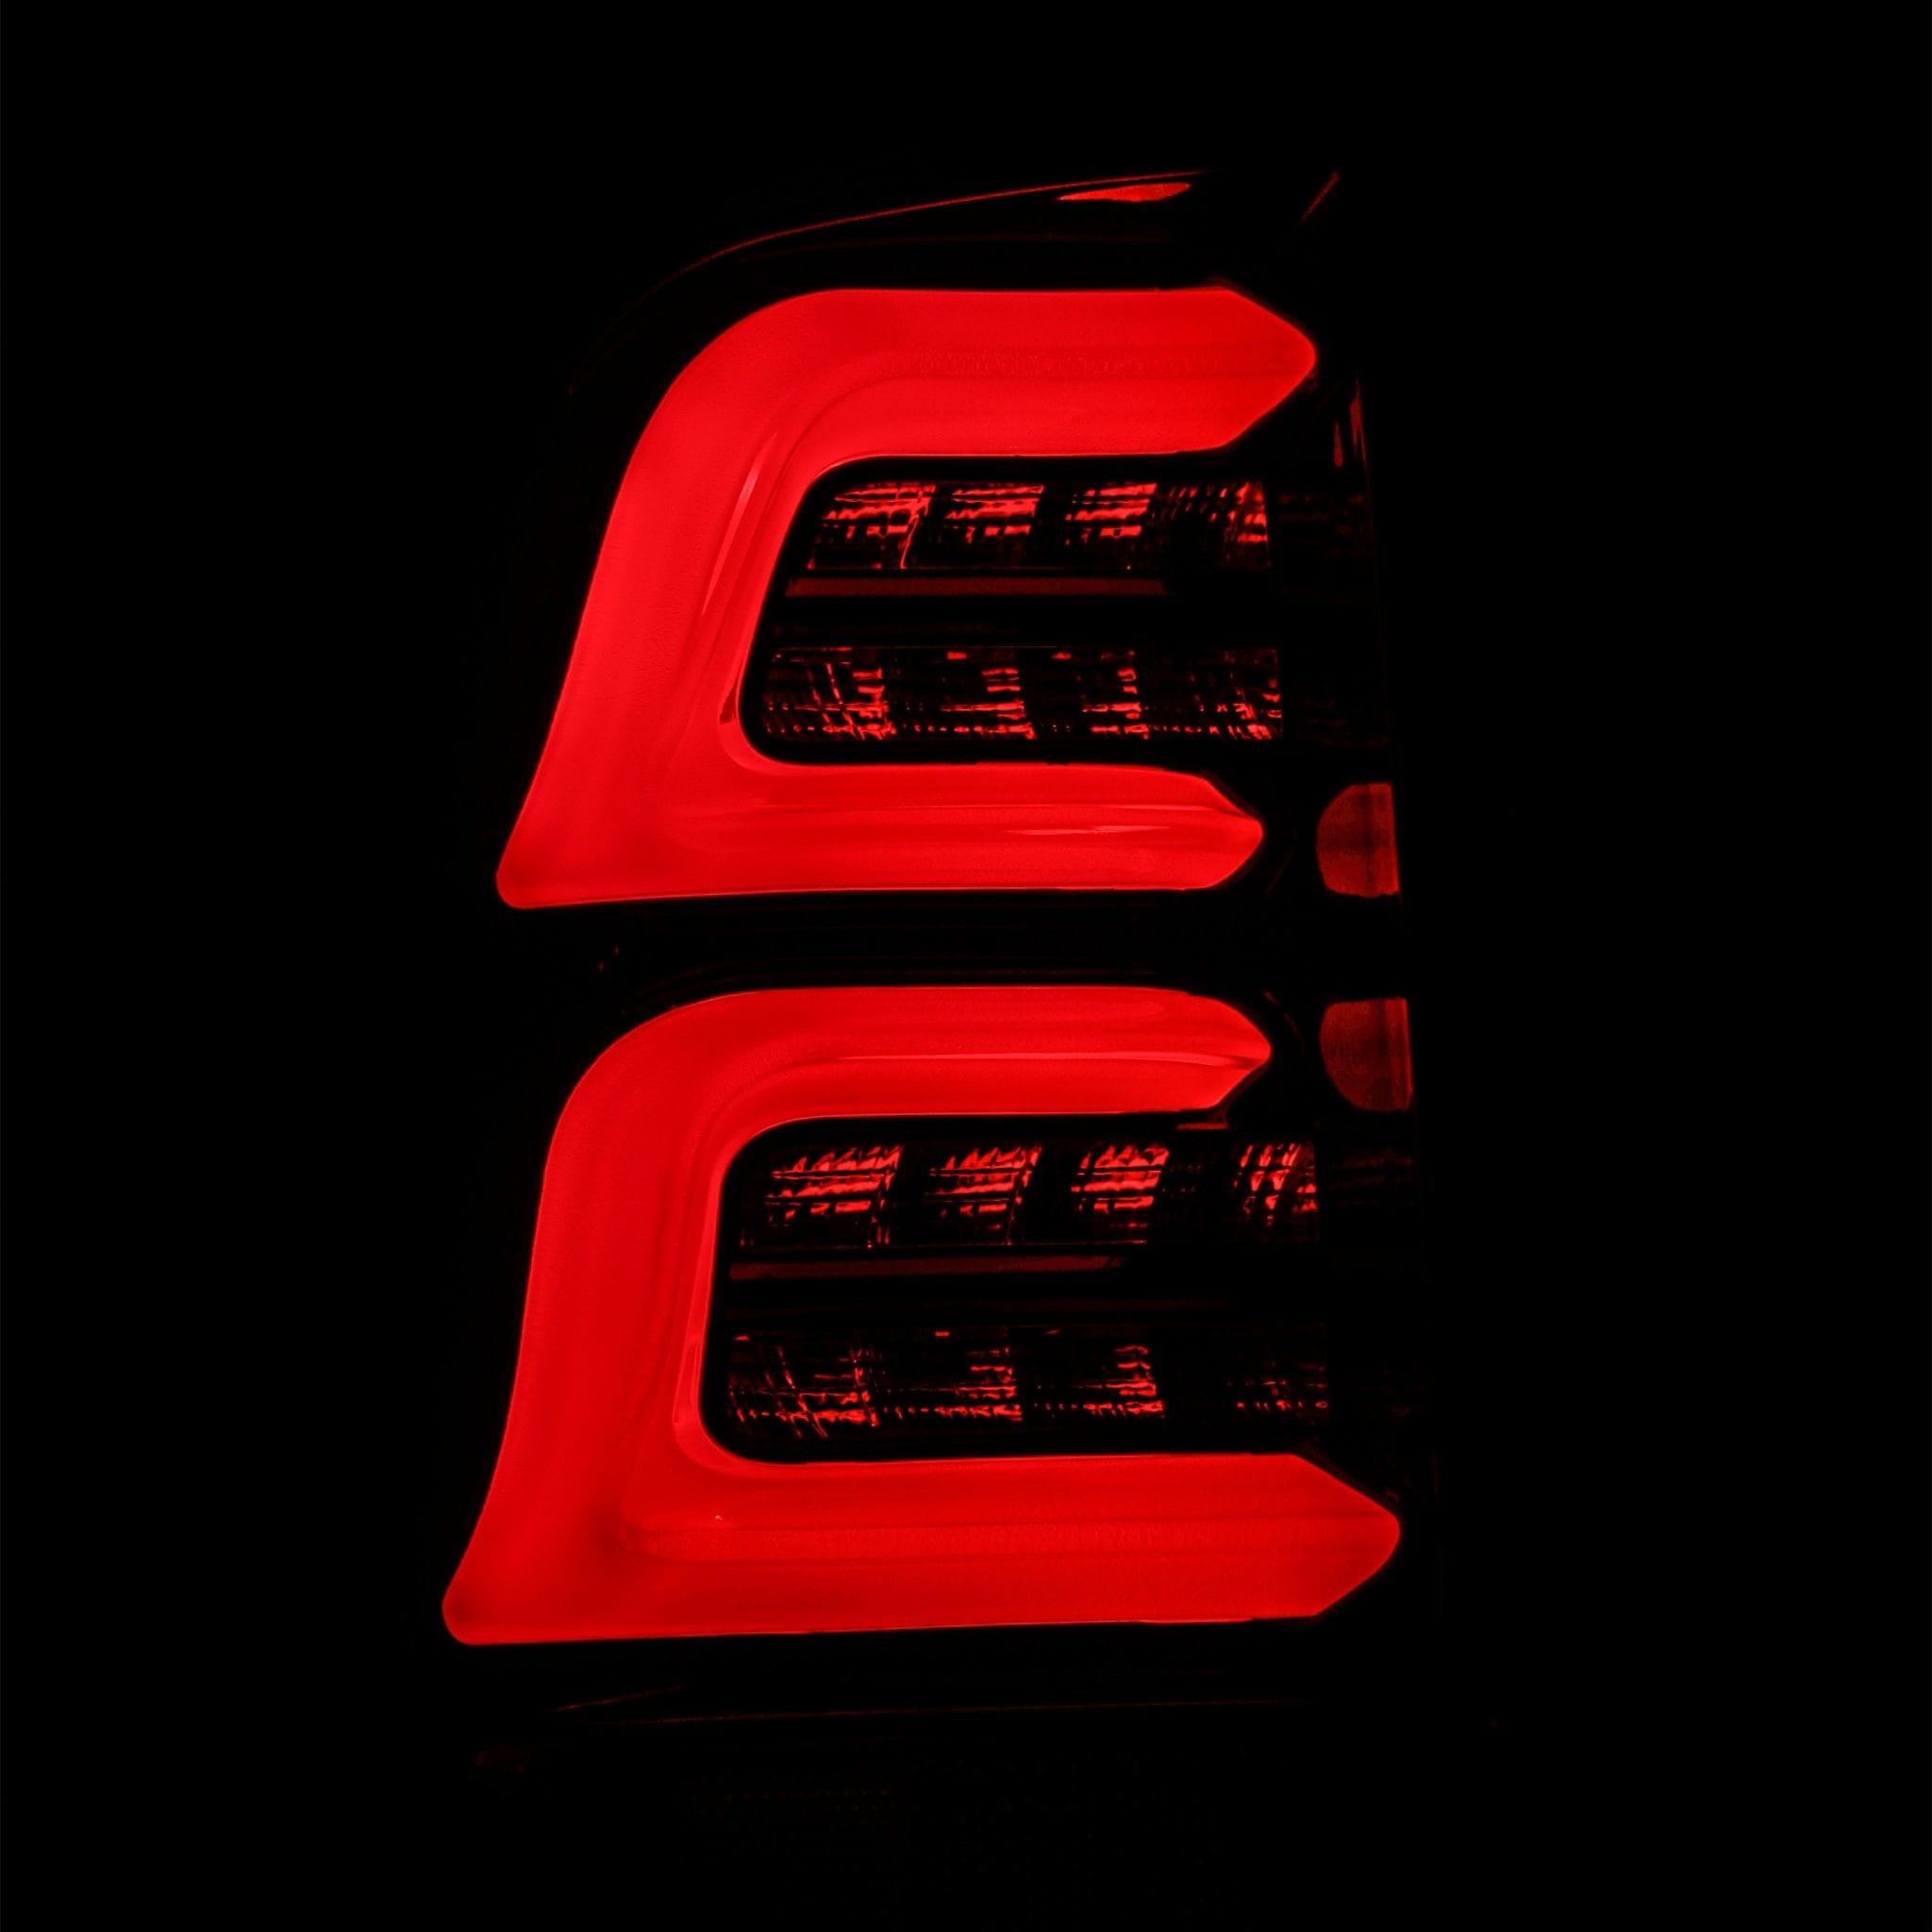 1997 1998 1999 2000 2001 2002 2003 2004 2005 2006 2007 2008 Ford F150/F250/F350 Super Duty PRO-Series LED Tail Lights Jet Black